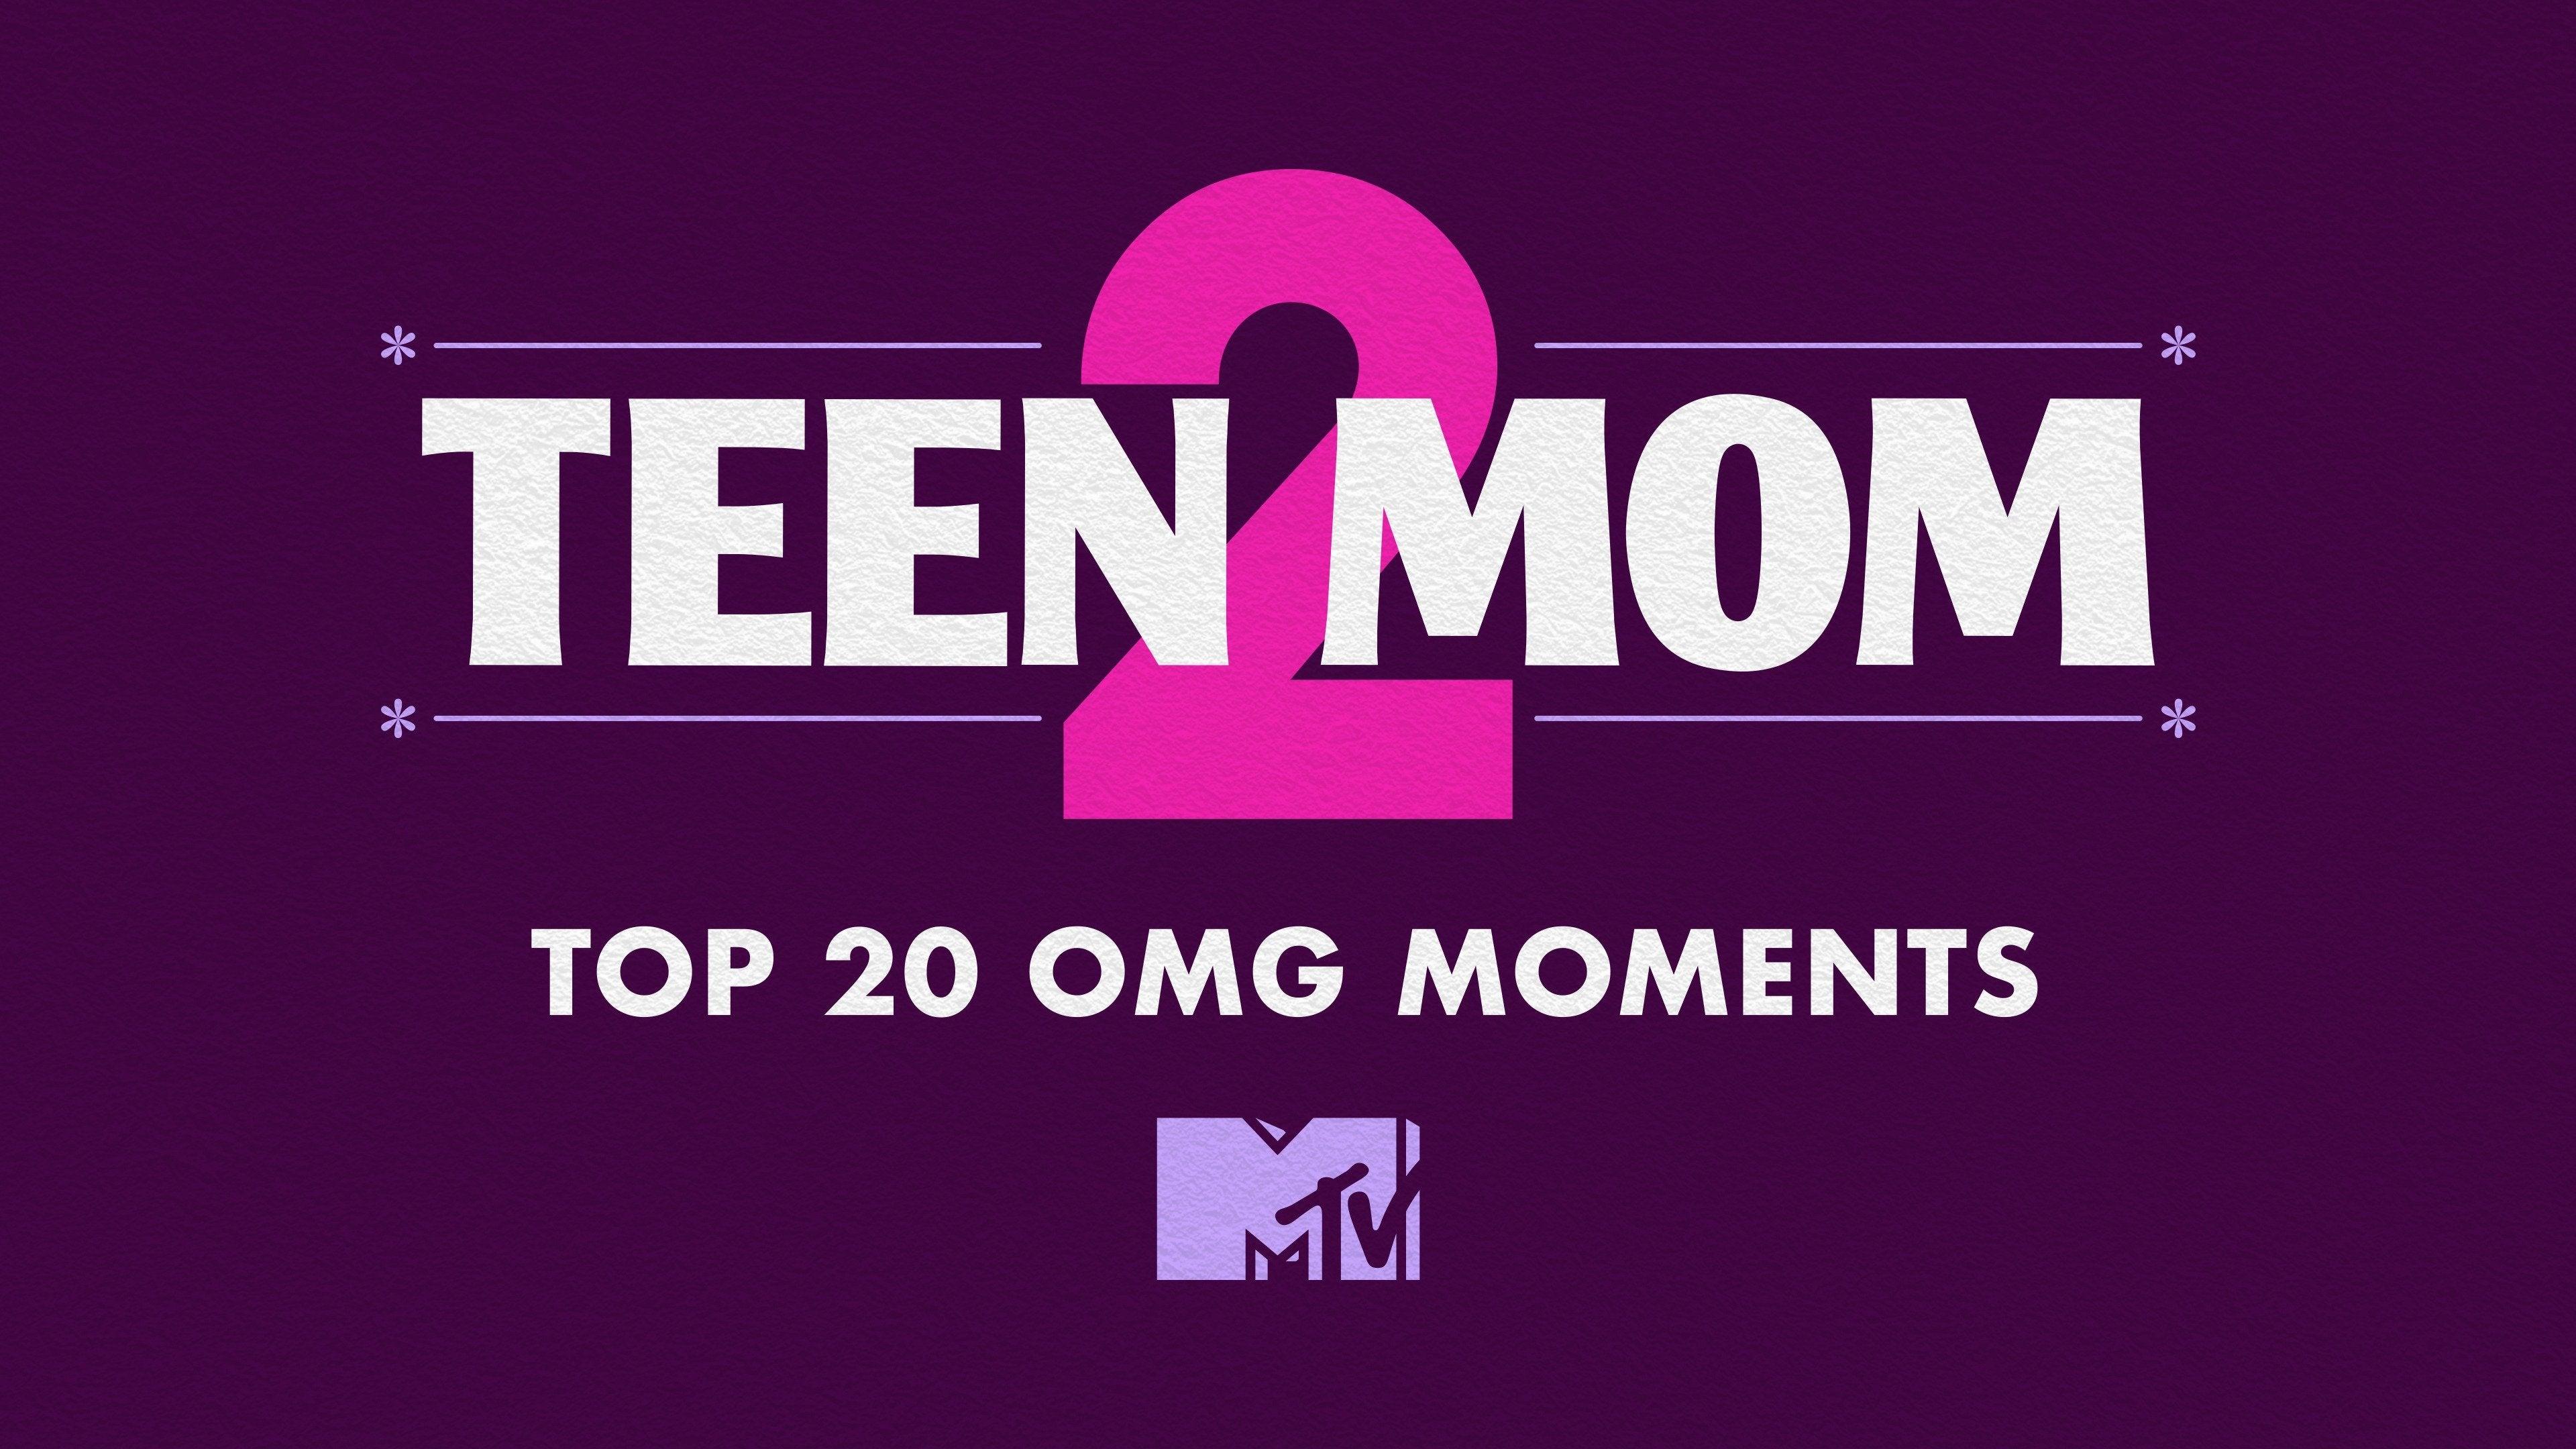 Teen Mom 2: Top 20 OMG Moments